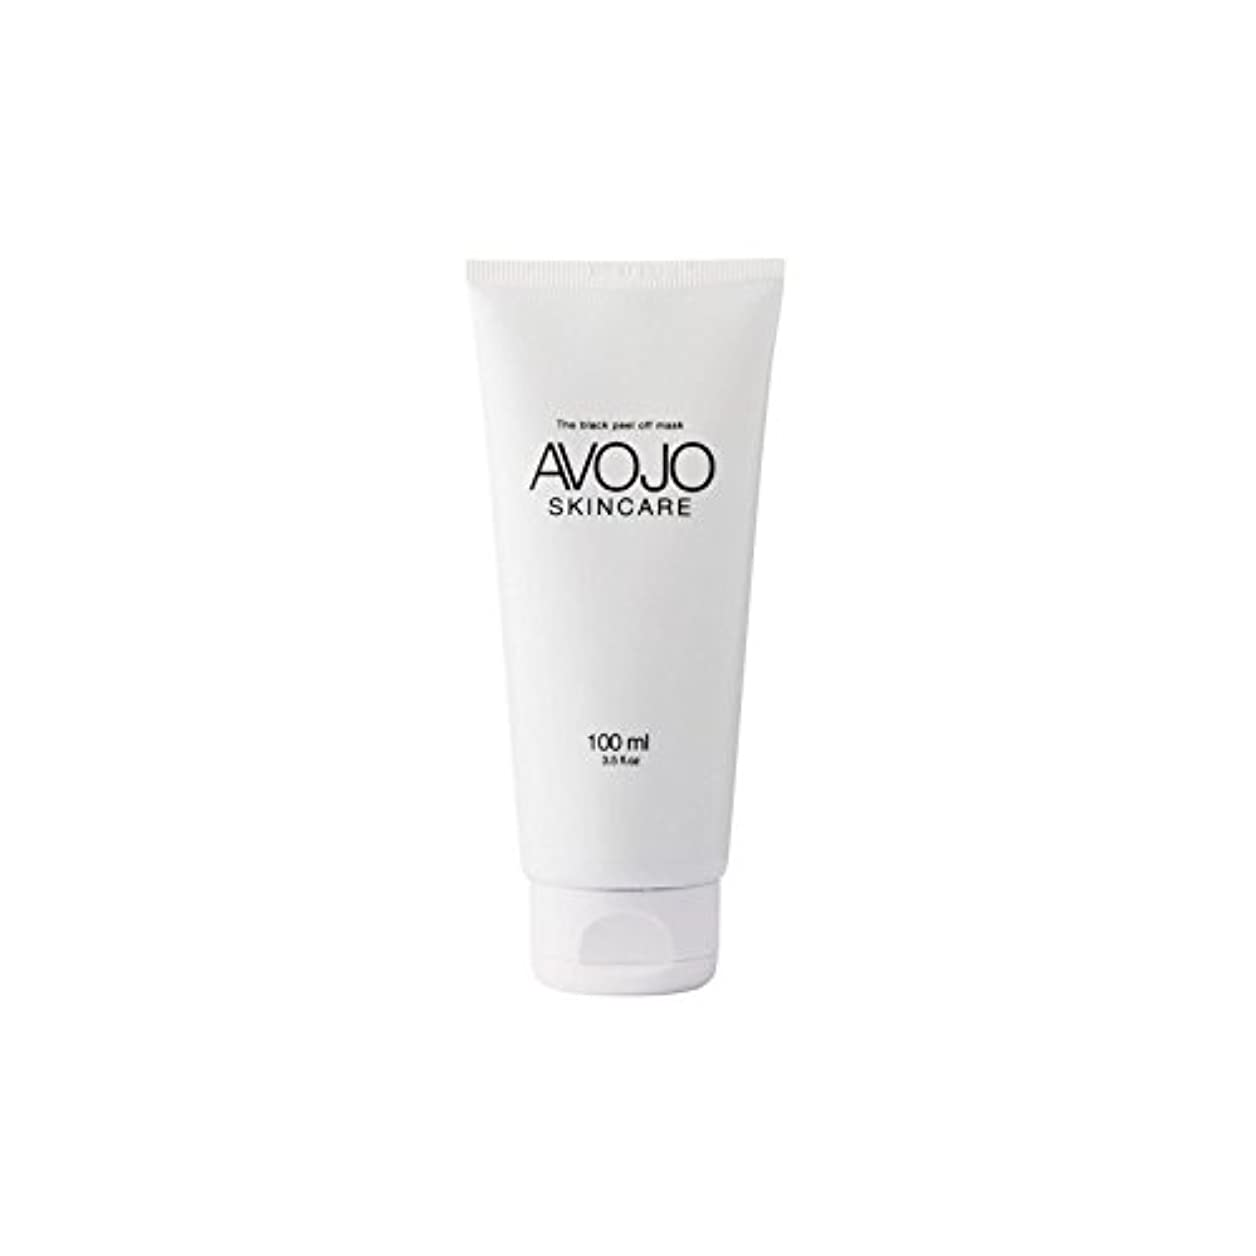 タイピスト内なるシンカン- 黒皮オフマスク - (ボトル100ミリリットル) x2 - Avojo - The Black Peel Off Mask - (Bottle 100ml) (Pack of 2) [並行輸入品]